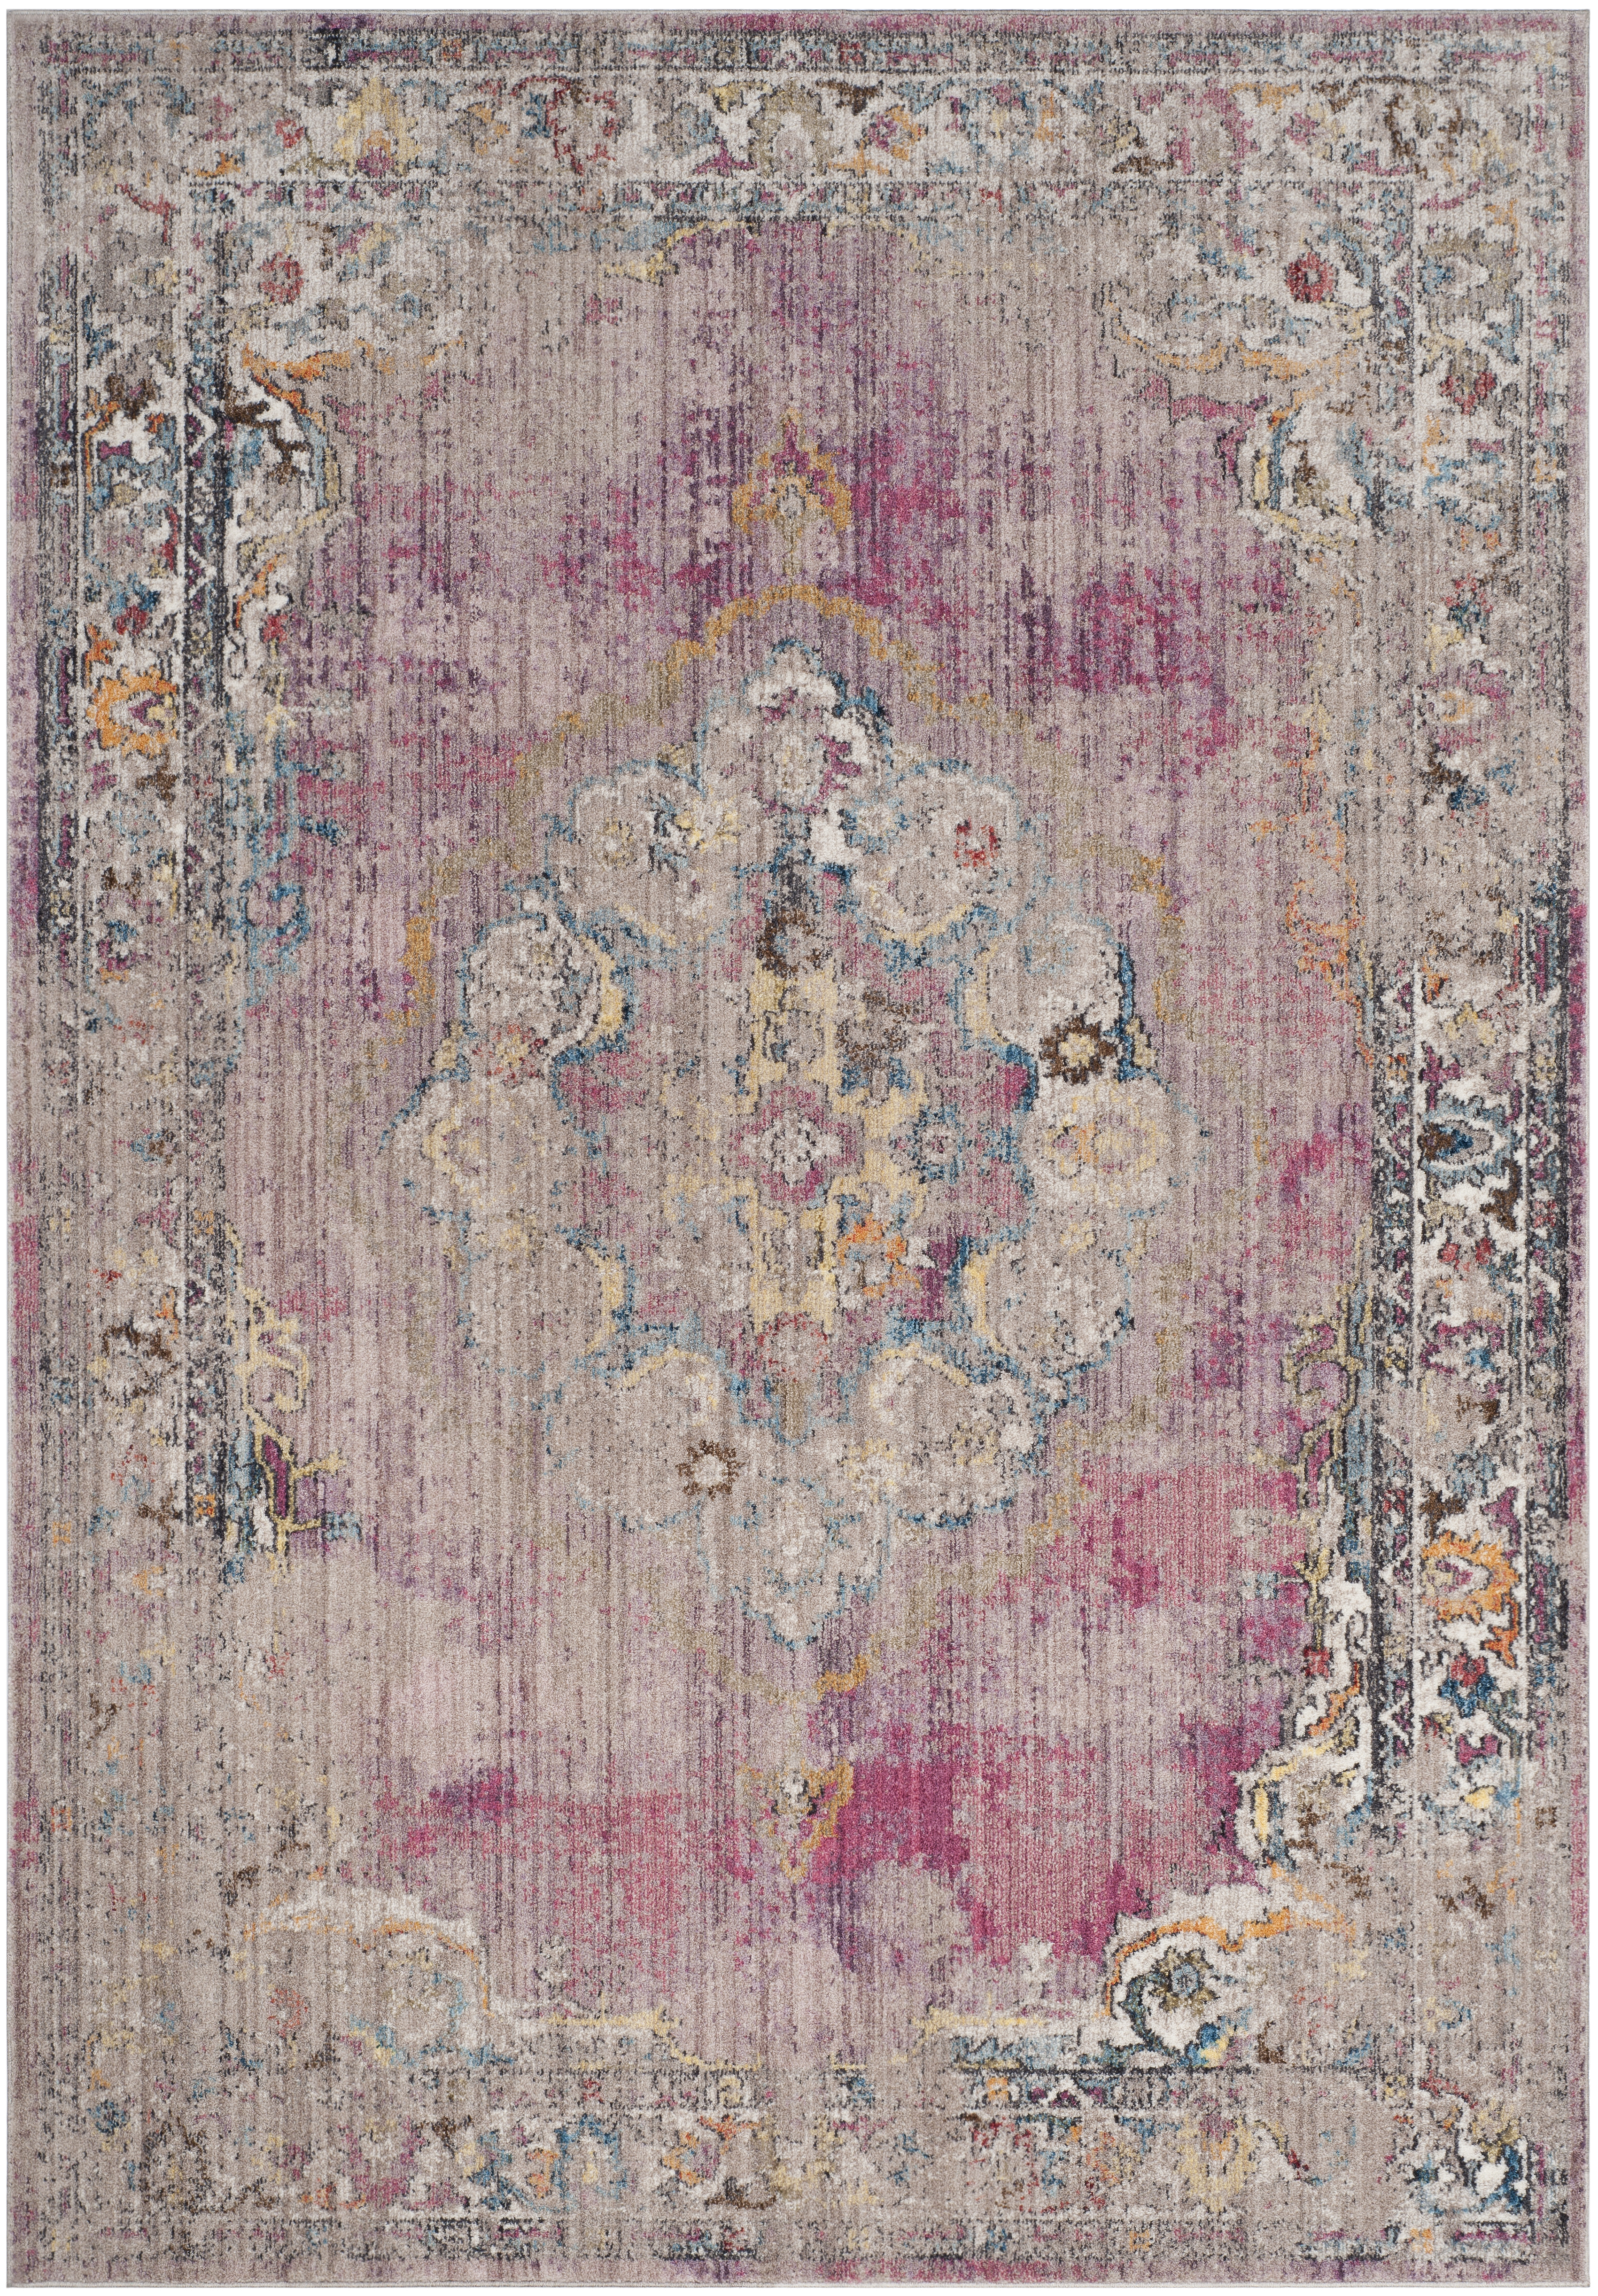 Tapis de salon d'inspiration vintage fuchsia et gris clair 160x230